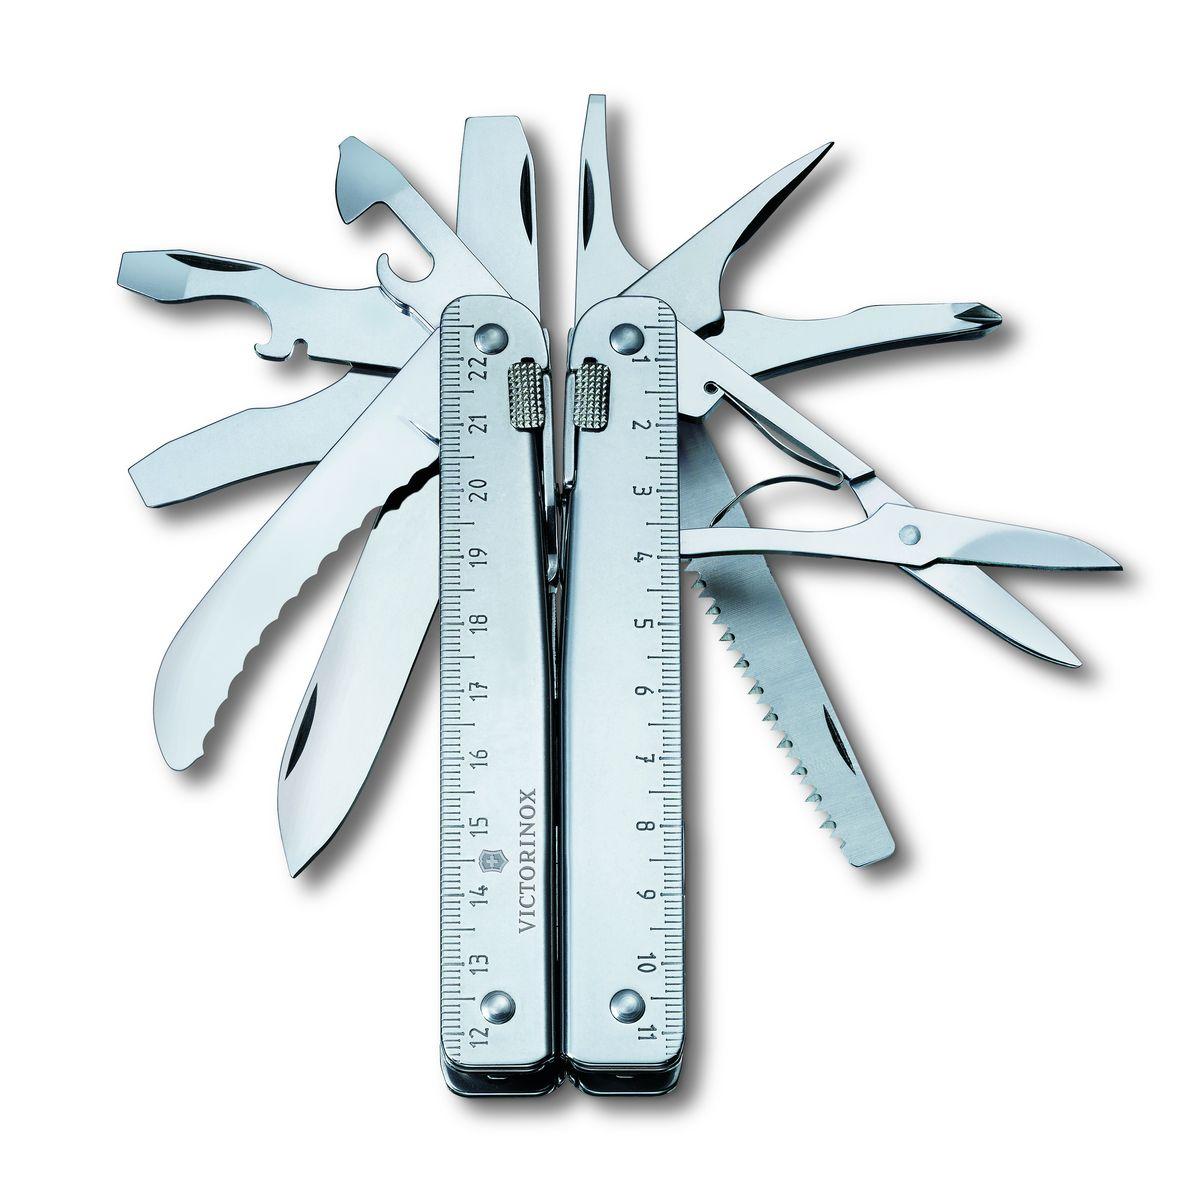 Мультитул Victorinox SwissTool RS, цвет: стальной, 27 функций, 11,5 см3.0326.NМультитул Victorinox SwissTool RS выполнен из высококачественной нержавеющей стали. Он имеет стильный дизайн и эргономичную рукоятку. Мультитул включает в себя 27 функций.Поставляется в комплекте с нейлоновым чехлом.Функции:Плоскогубцы.Отвертка 2 мм, 3 мм, 5 мм, 7,5 мм.Кусачки для проволоки (твердостью не более 40 HRc).Открывалка для бутылок.Лезвие.Ножницы.Лезвие для разрезания ремня.Пила по металлу.Пила по дереву.Шило с режущей кромкой.Крестообразная отвертка 1+2.Стамеска.Долото.Приспособление для сгибания проволоки.Приспособление для зачистки проводов.Проволочный скребок.Консервный нож.Линейка сантиметровая (23 см).Линейка дюймовая (9 дюймов).Обжимные щипцы.Кусачки для твердой проволоки.Отверстие для страховочного провода.Индивидуальные пружины.Фиксатор.Длина в сложенном виде: 11,5 см.Длина в разложенном виде: 17 см.